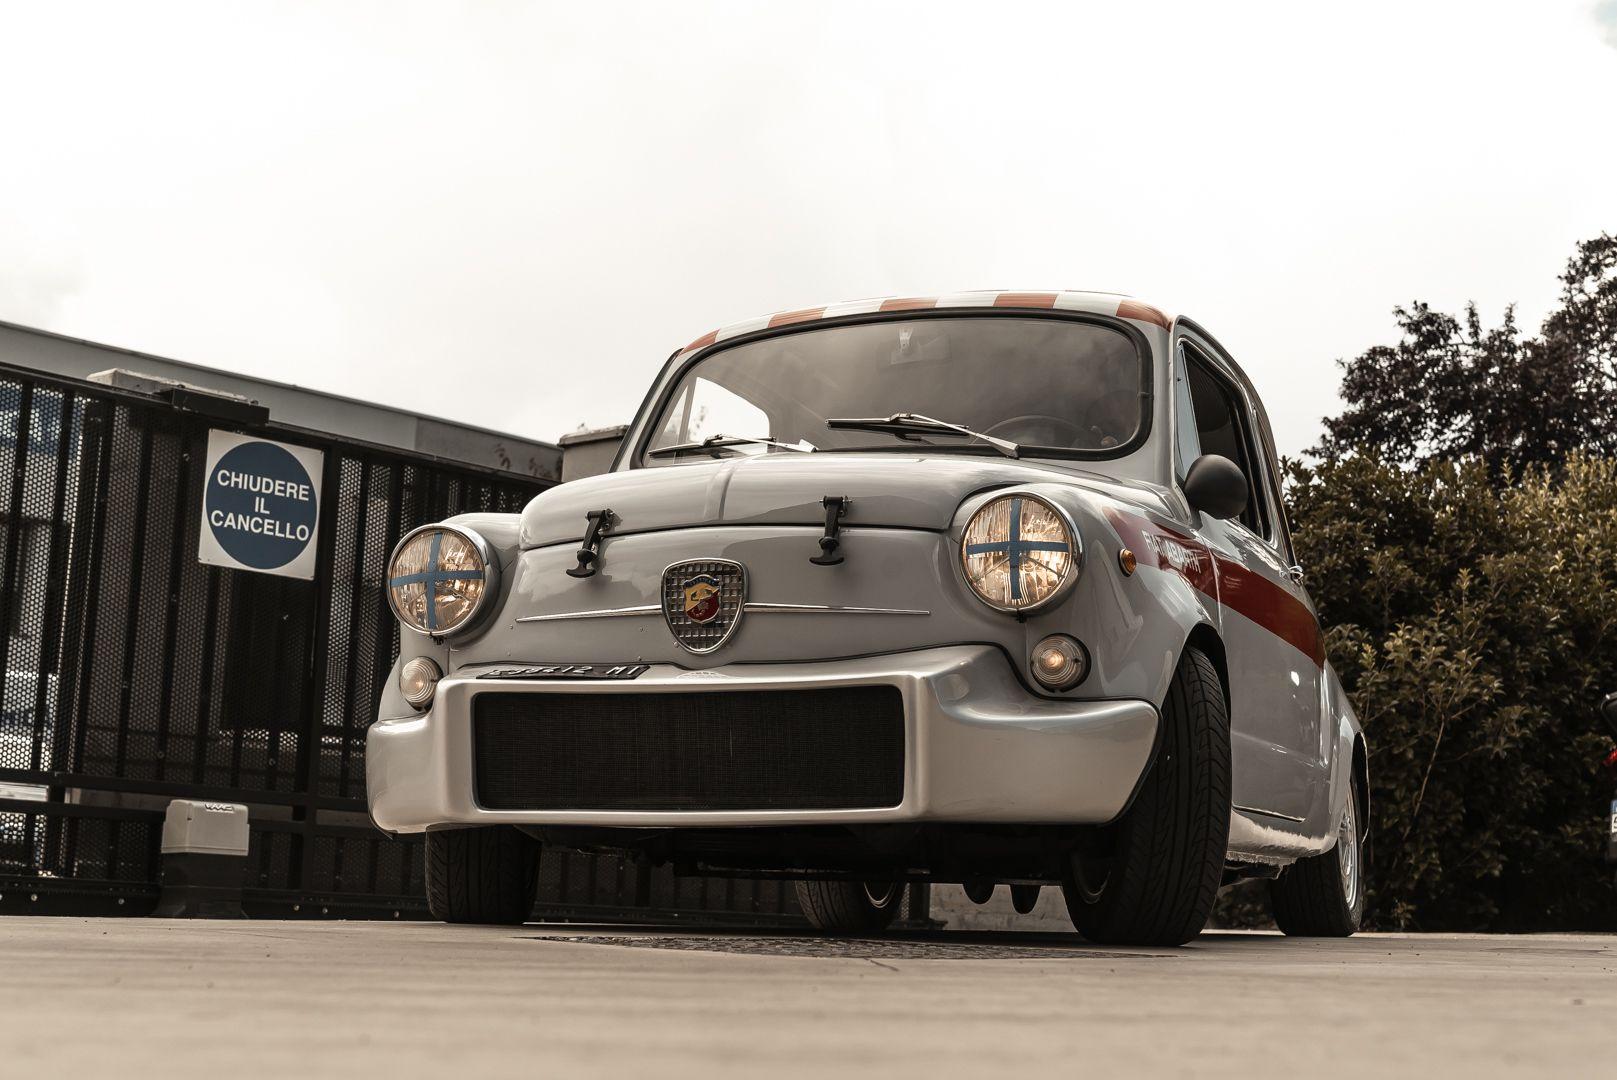 1967 Fiat 600 D Abarth Replica 80463